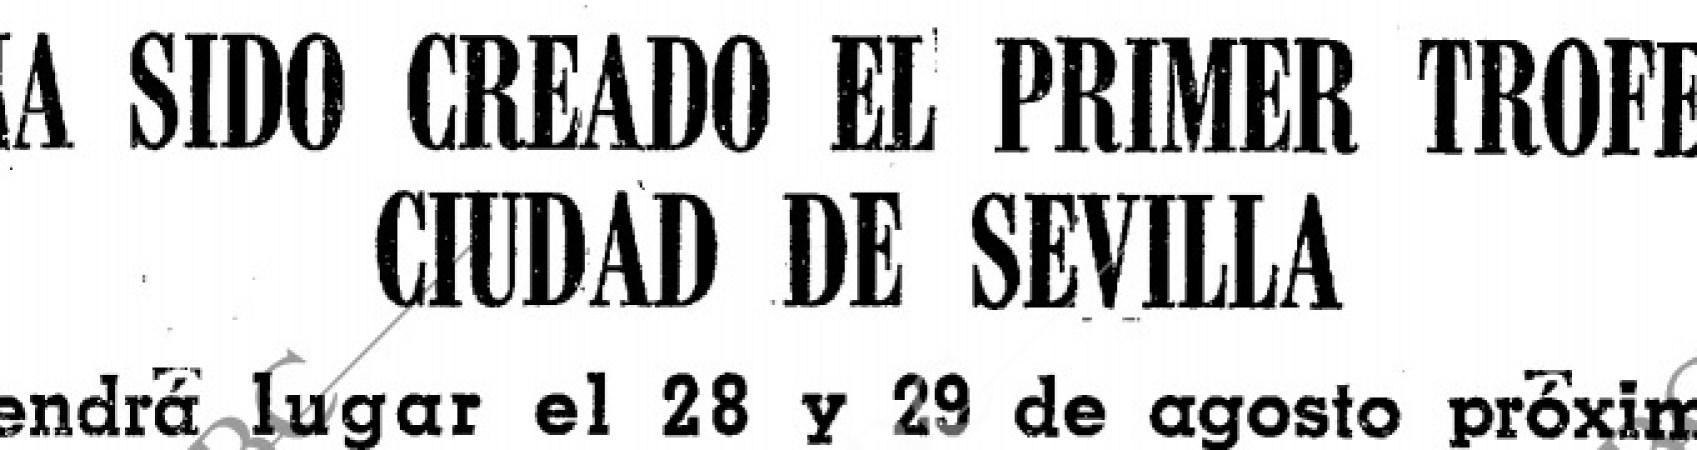 Hoy hace 50 años. Nace el Trofeo Ciudad de Sevilla.